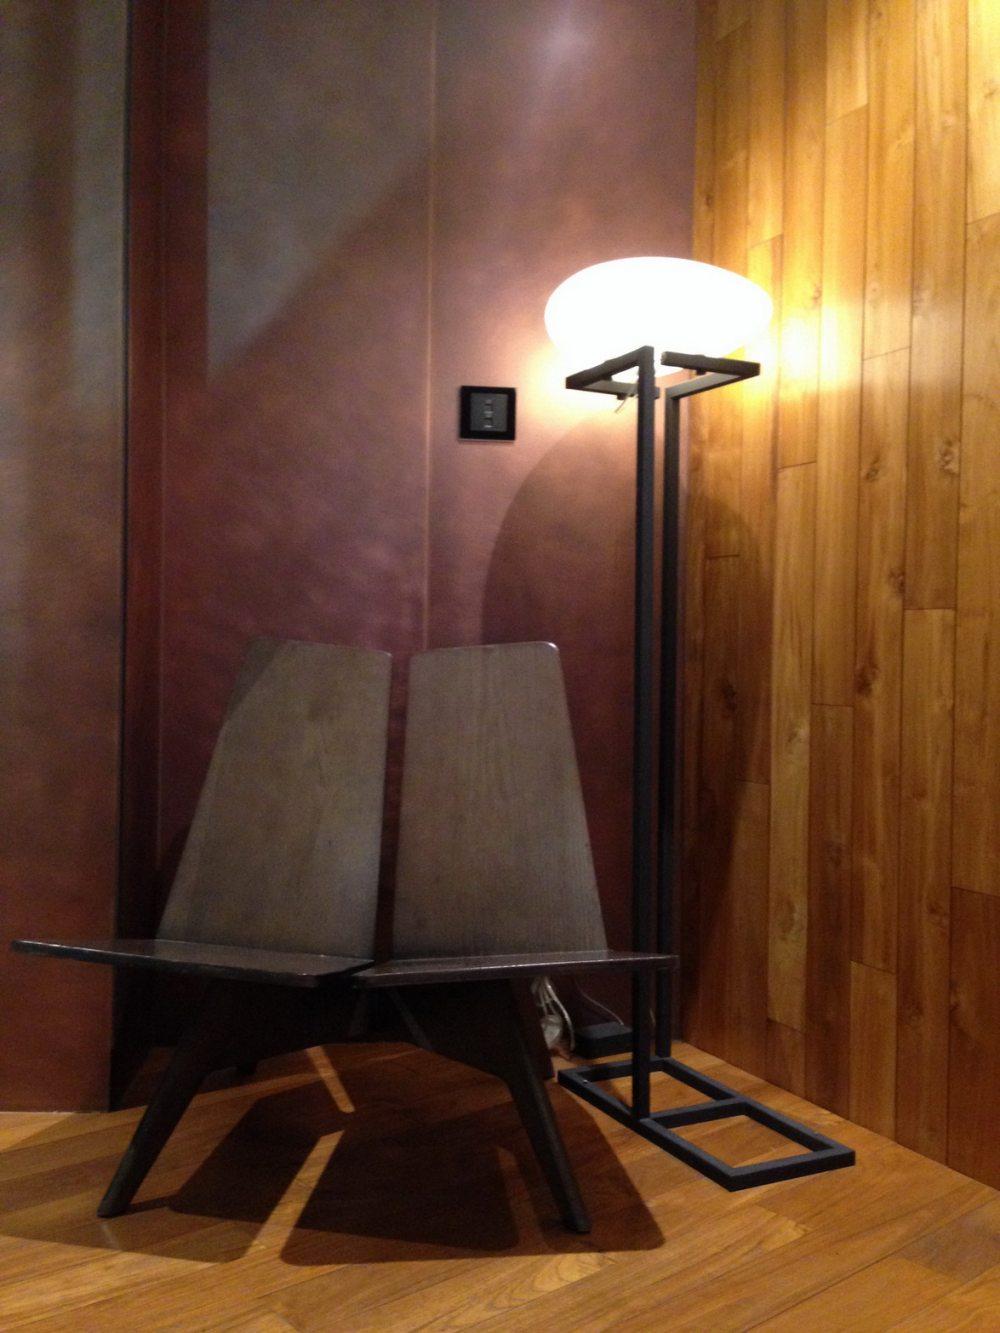 厦门乐雅无垠酒店Hotel Wind自拍 分享_IMG_2685.JPG